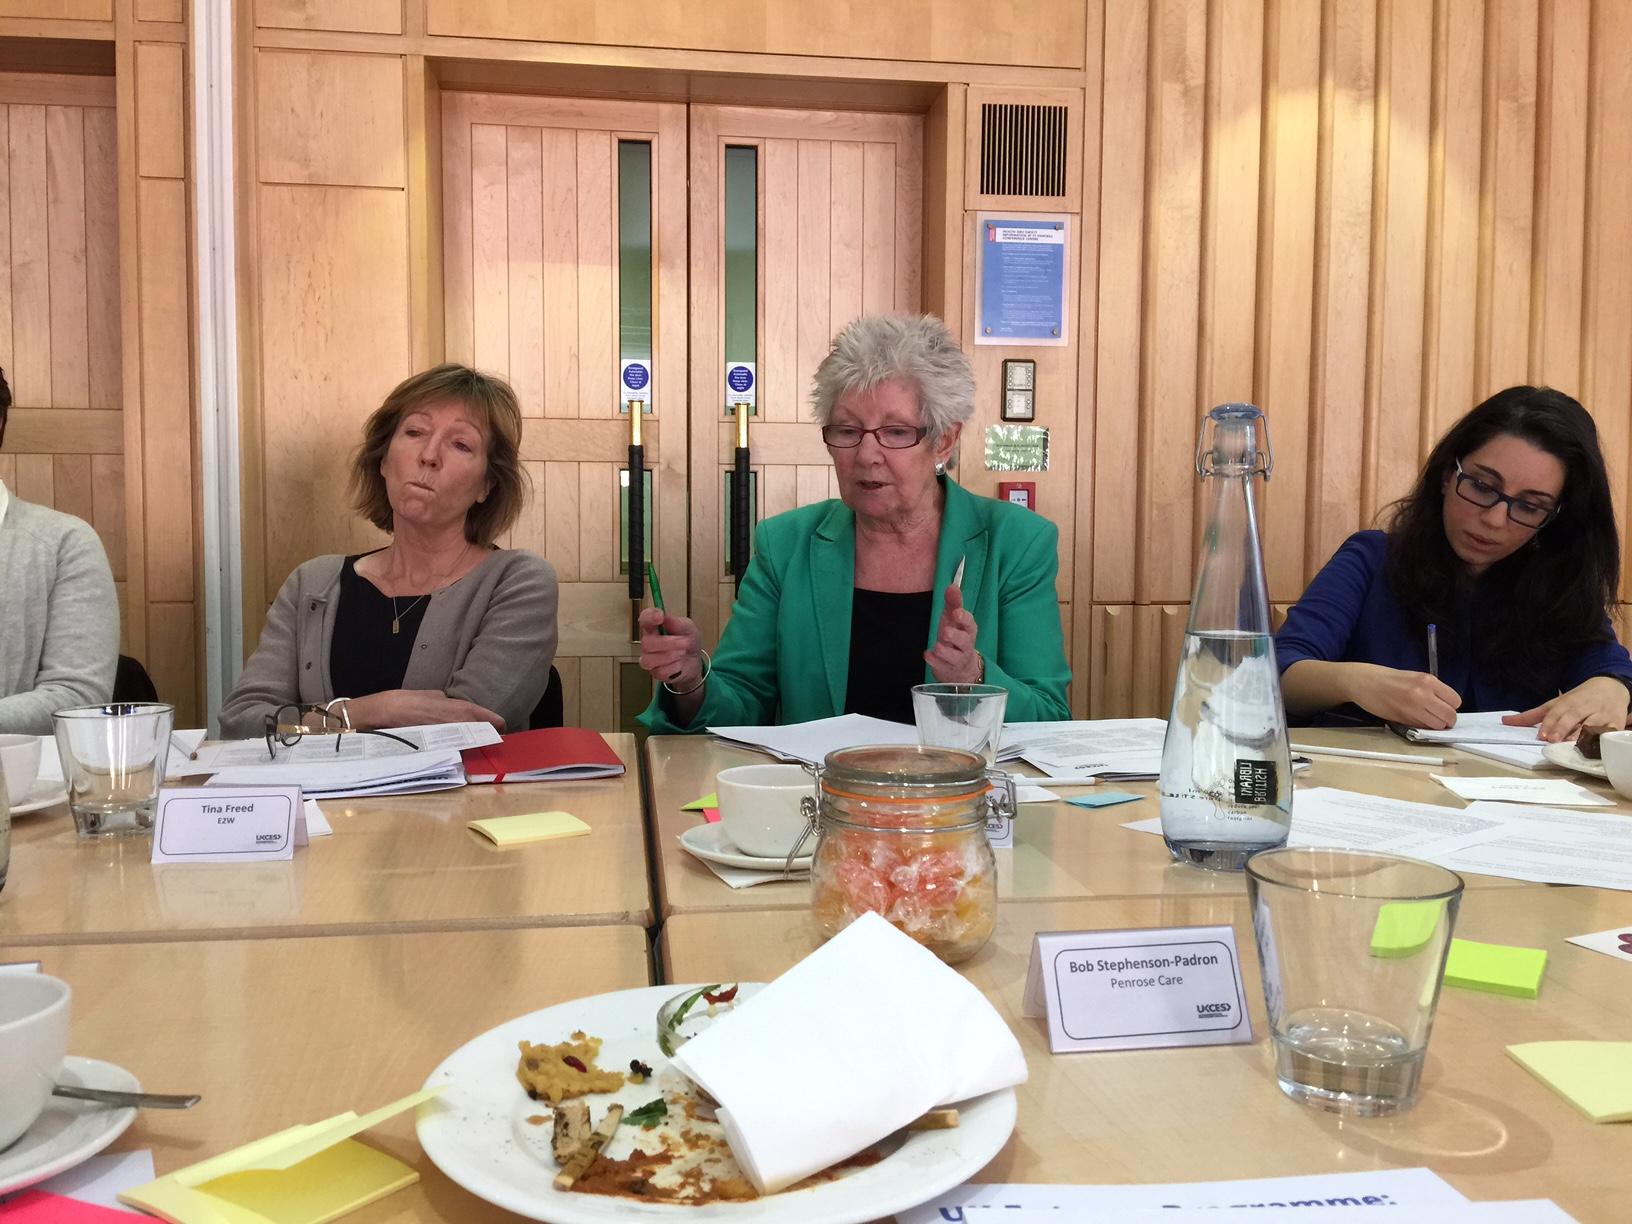 2015-03-31 (Penrose Care) Baroness Margaret Prosser UKCES Gender Equality